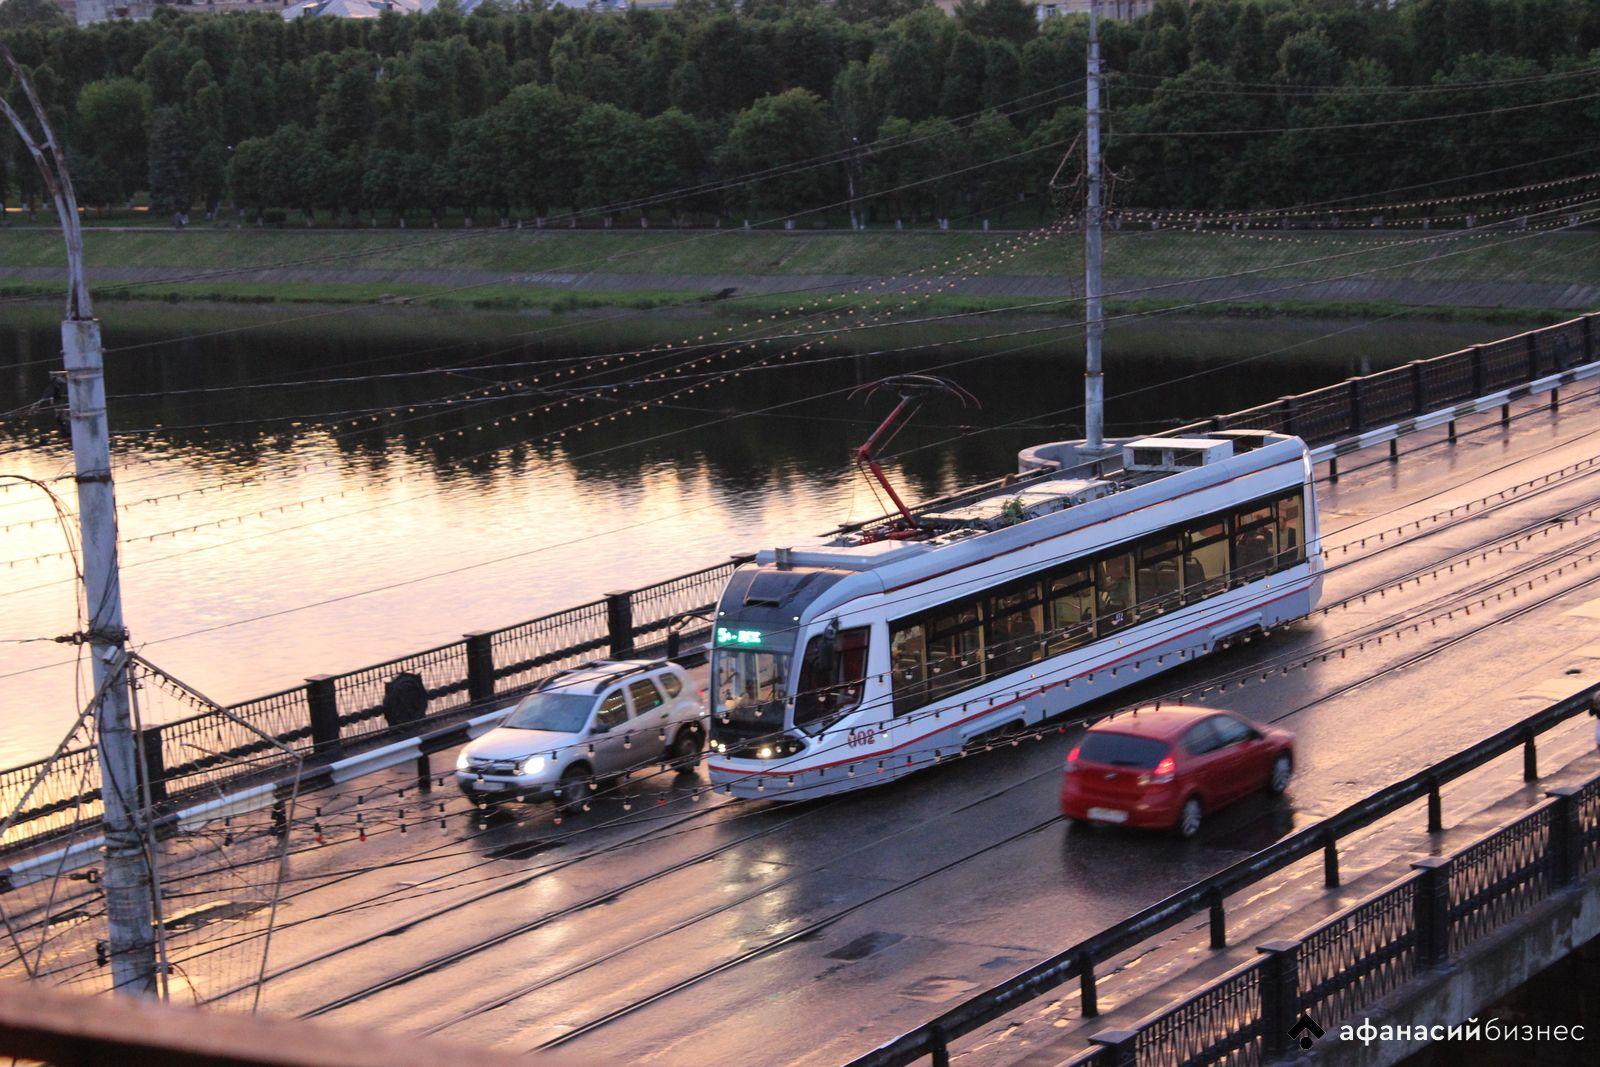 ВЭБ РФ заявил о намерении модернизировать трамвайную сеть в Твери